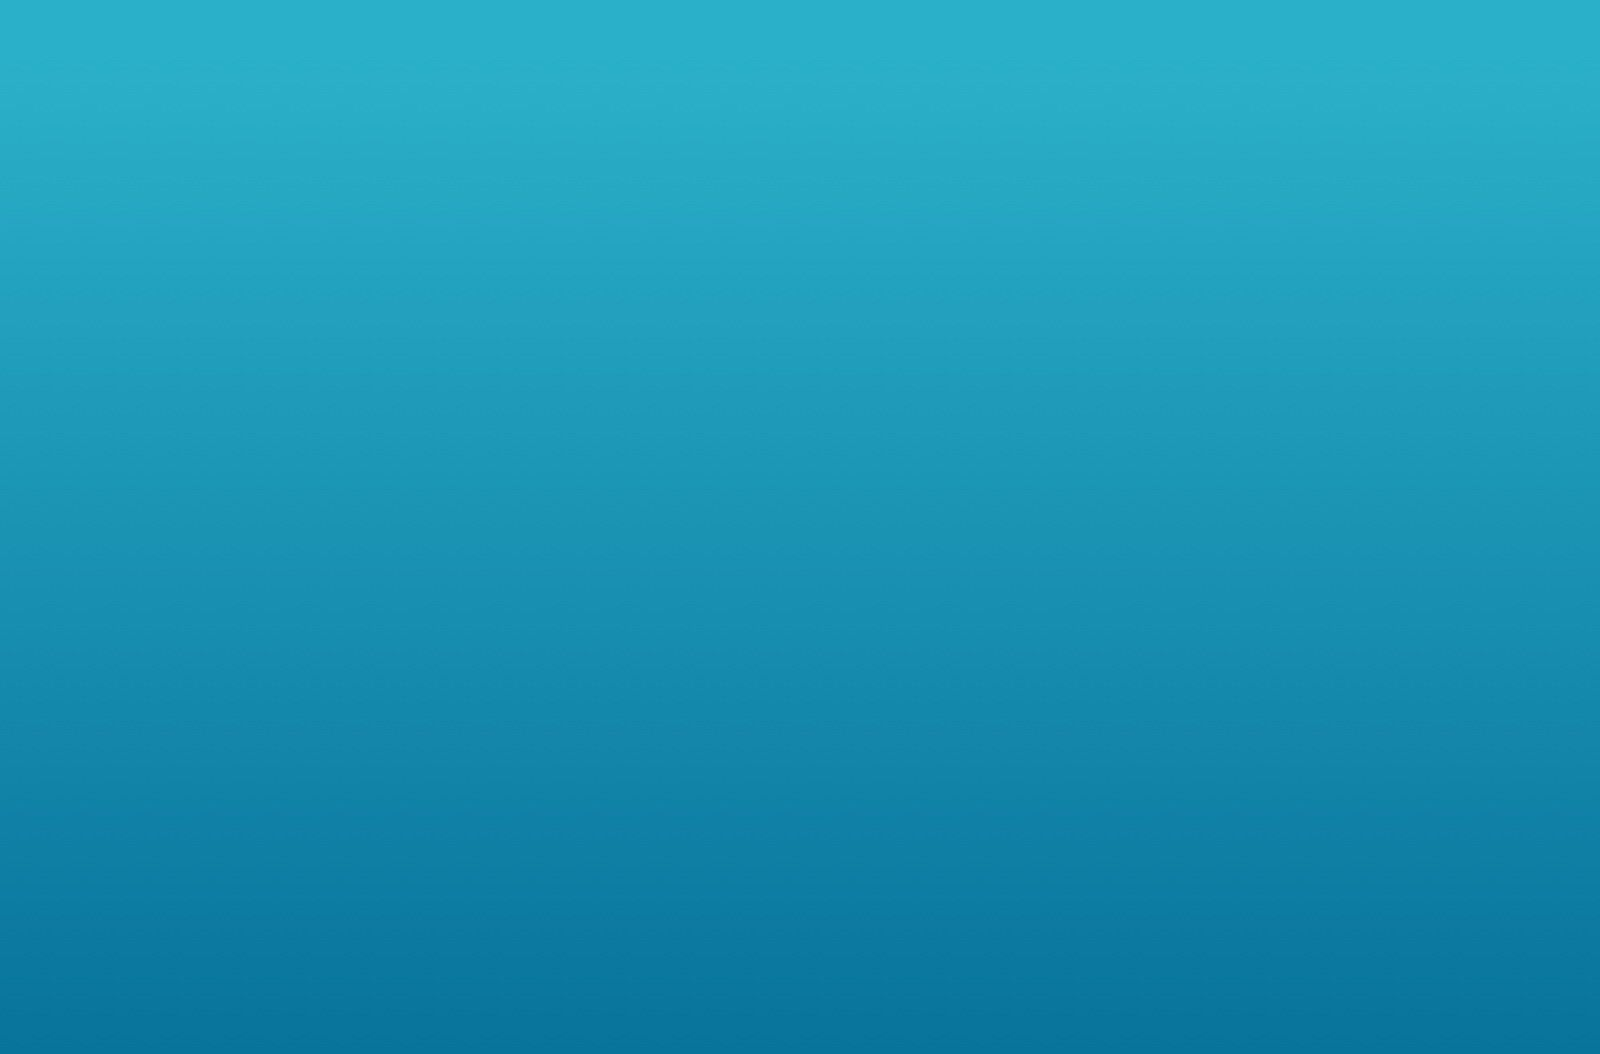 bg-blue-gradient.jpg